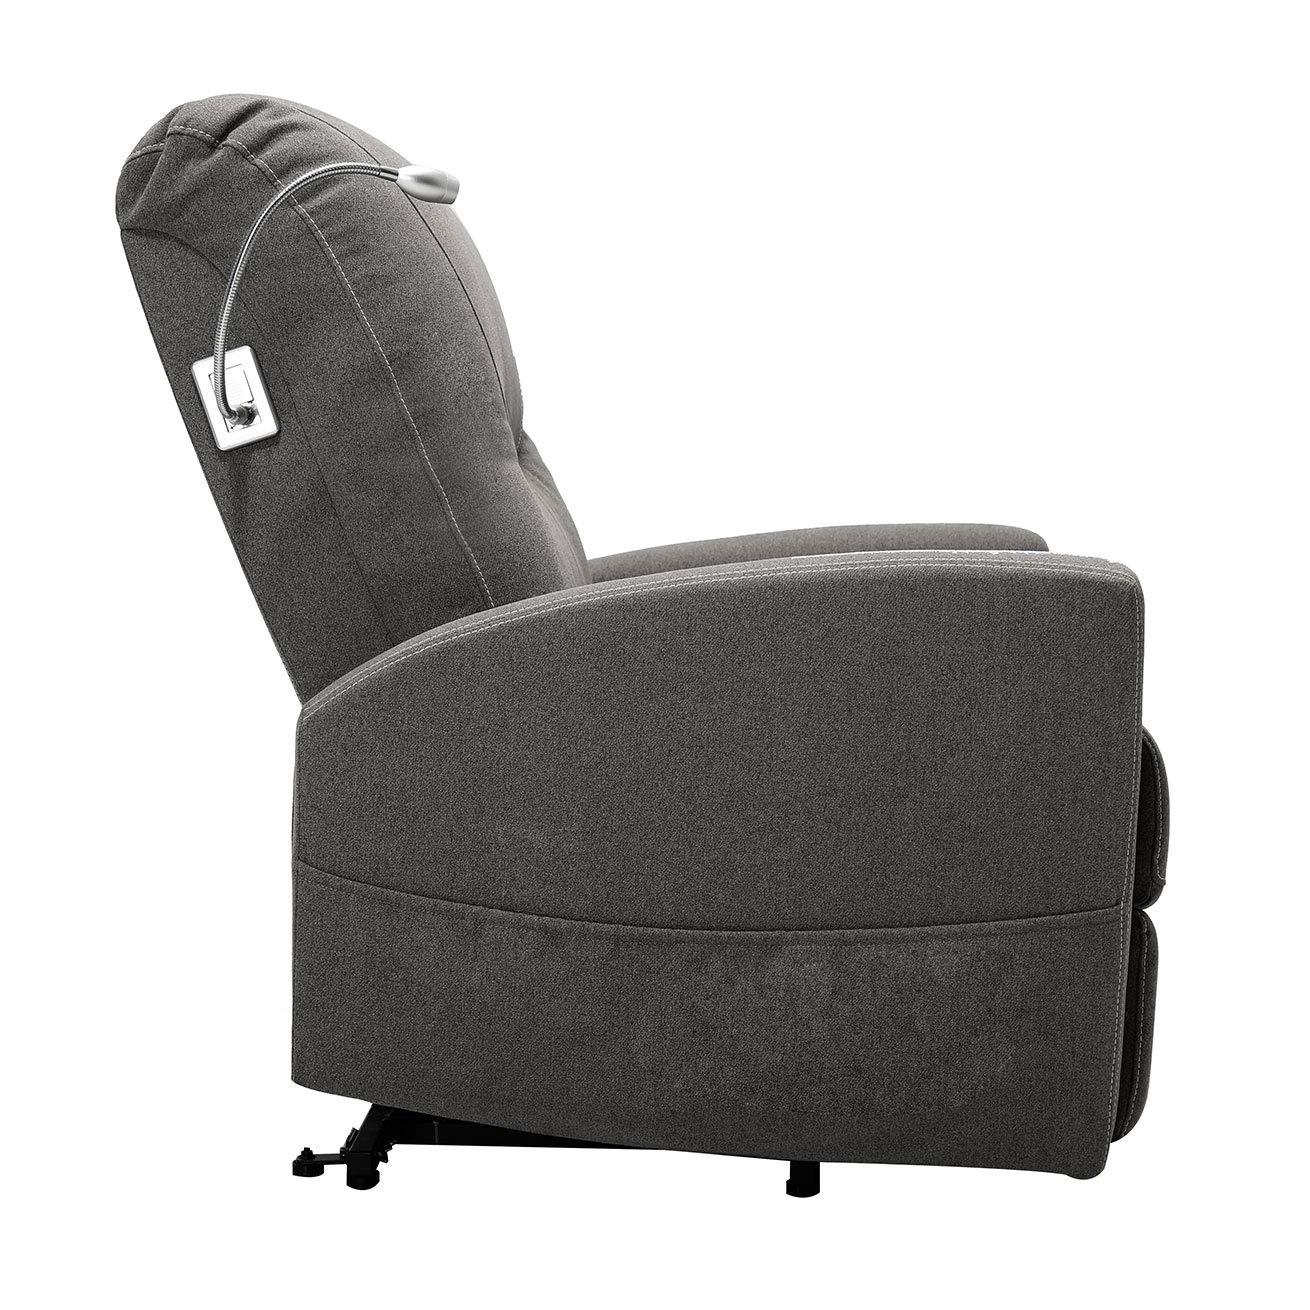 DLM Design Fauteuil Relax /électrique massant releveur en Tissu Gris Pacha